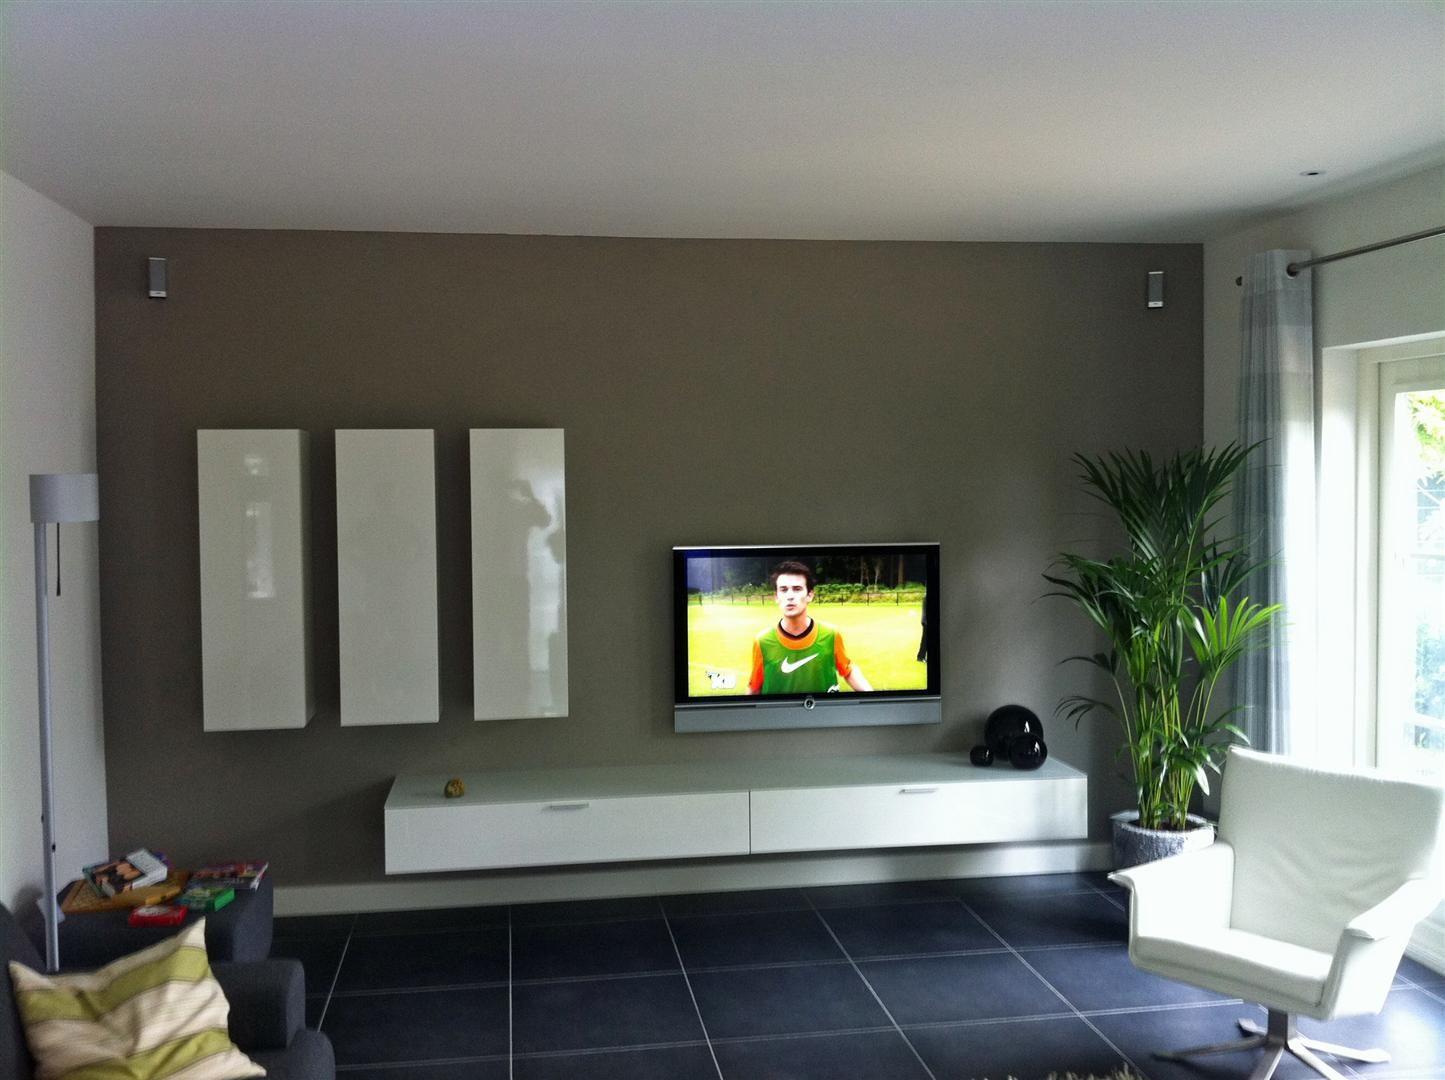 Handdoek Ophangen Keuken : Keuken accessoires ophangen porte serviettes à fixer ulna leroy